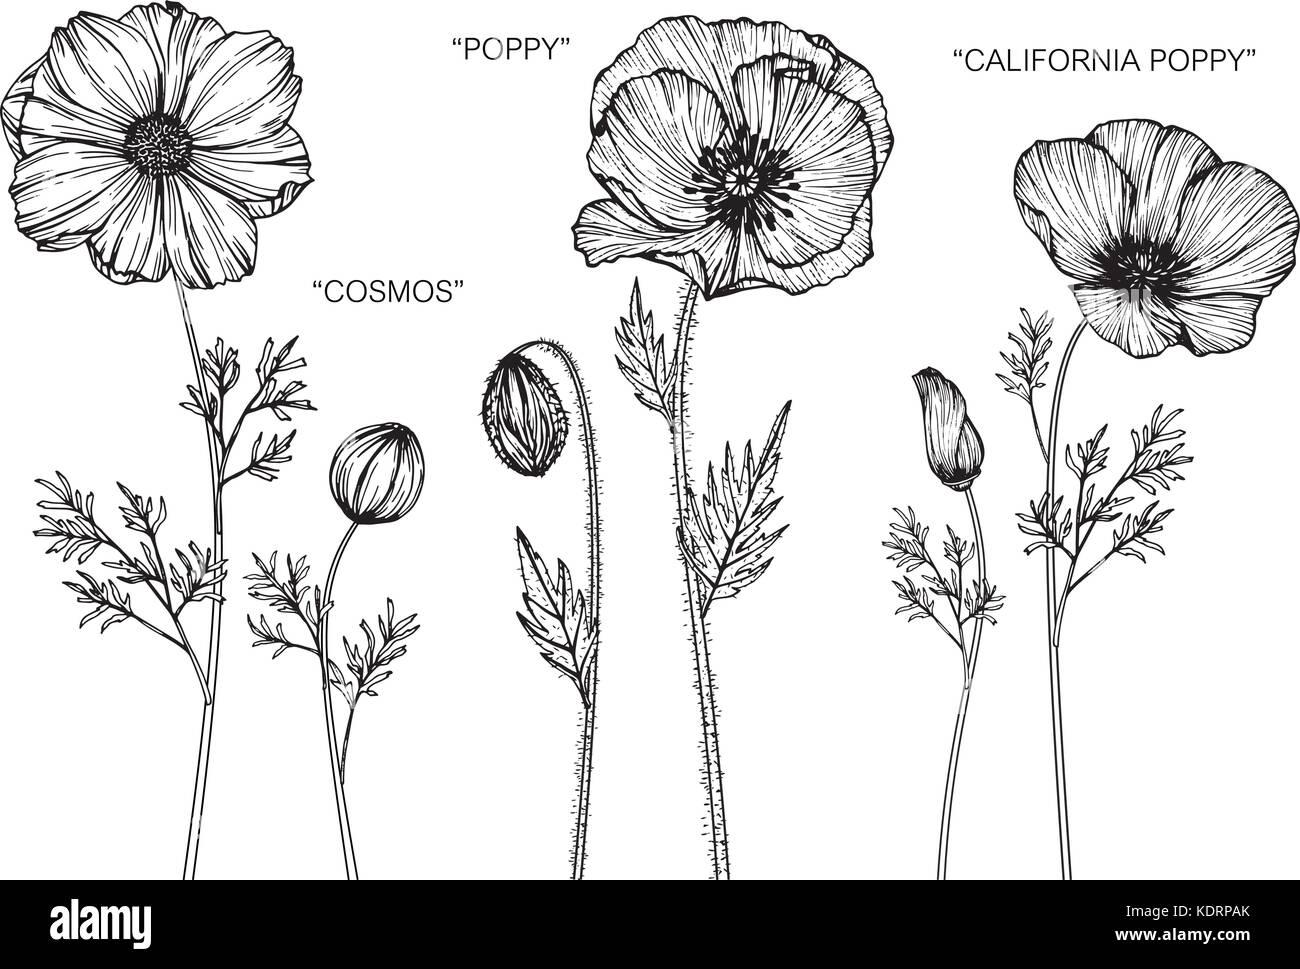 Cosmos poppy california poppy flower drawing illustration black cosmos poppy california poppy flower drawing illustration black and white with line art mightylinksfo